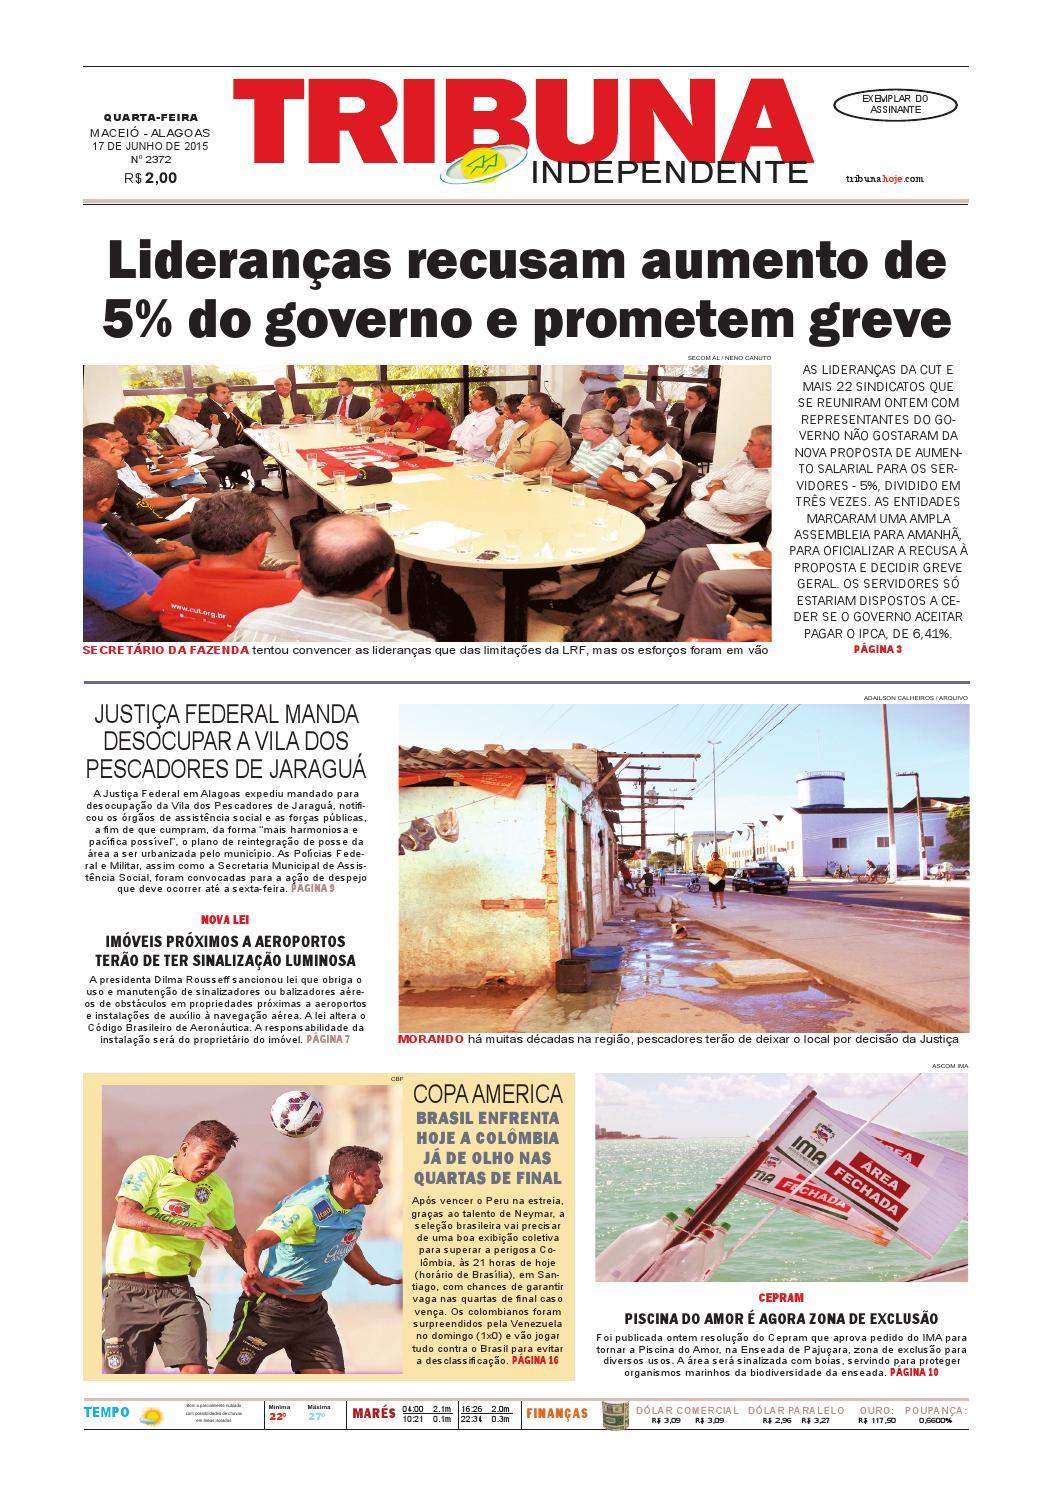 c1c4a99325fc1 Edição número 2372 - 17 de junho de 2015 by Tribuna Hoje - issuu